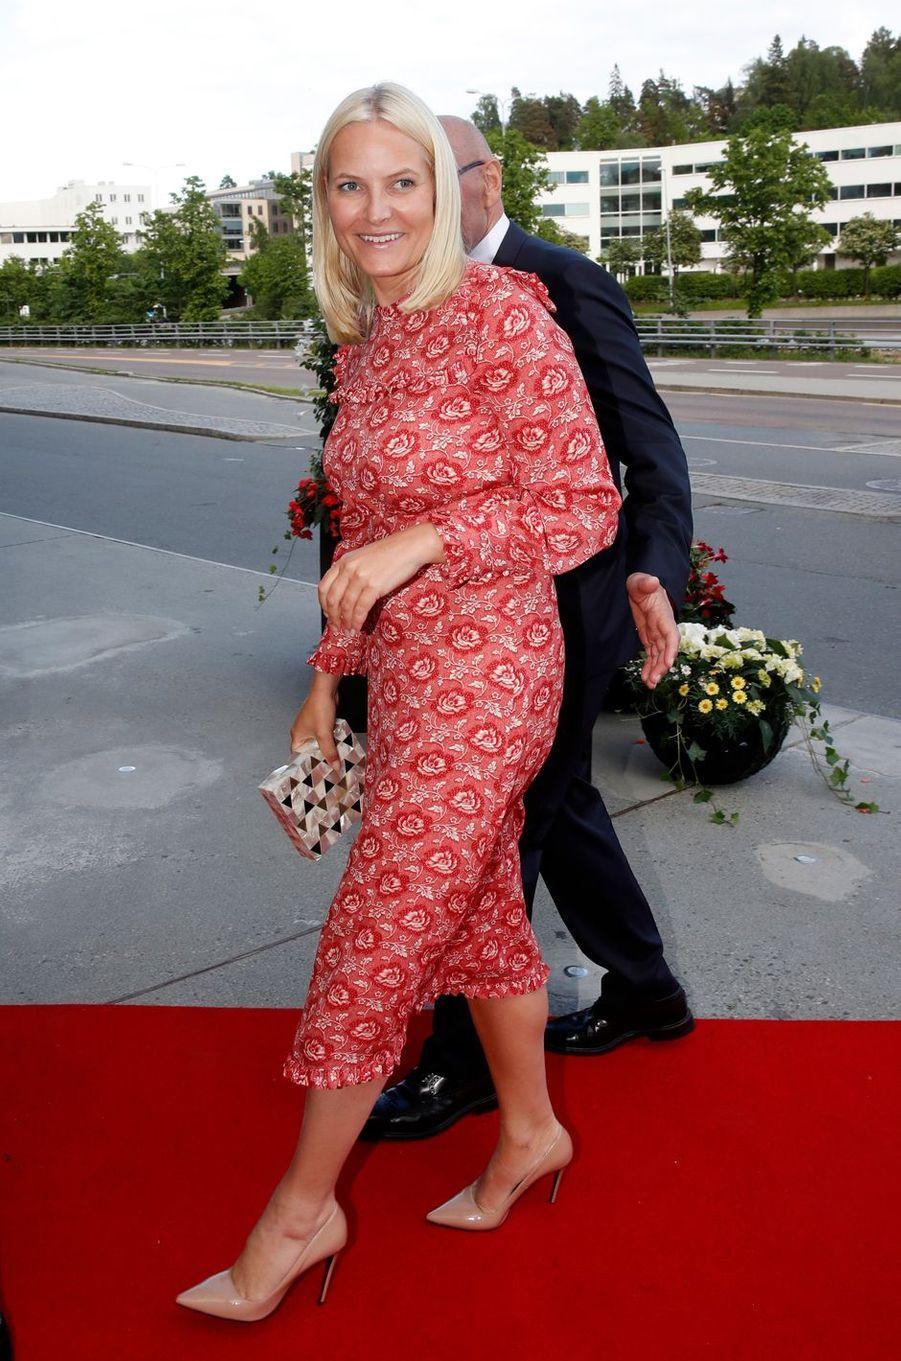 La princesse Mette-Marit de Norvège àLysaker près d'Oslo, le 31 mai 2017